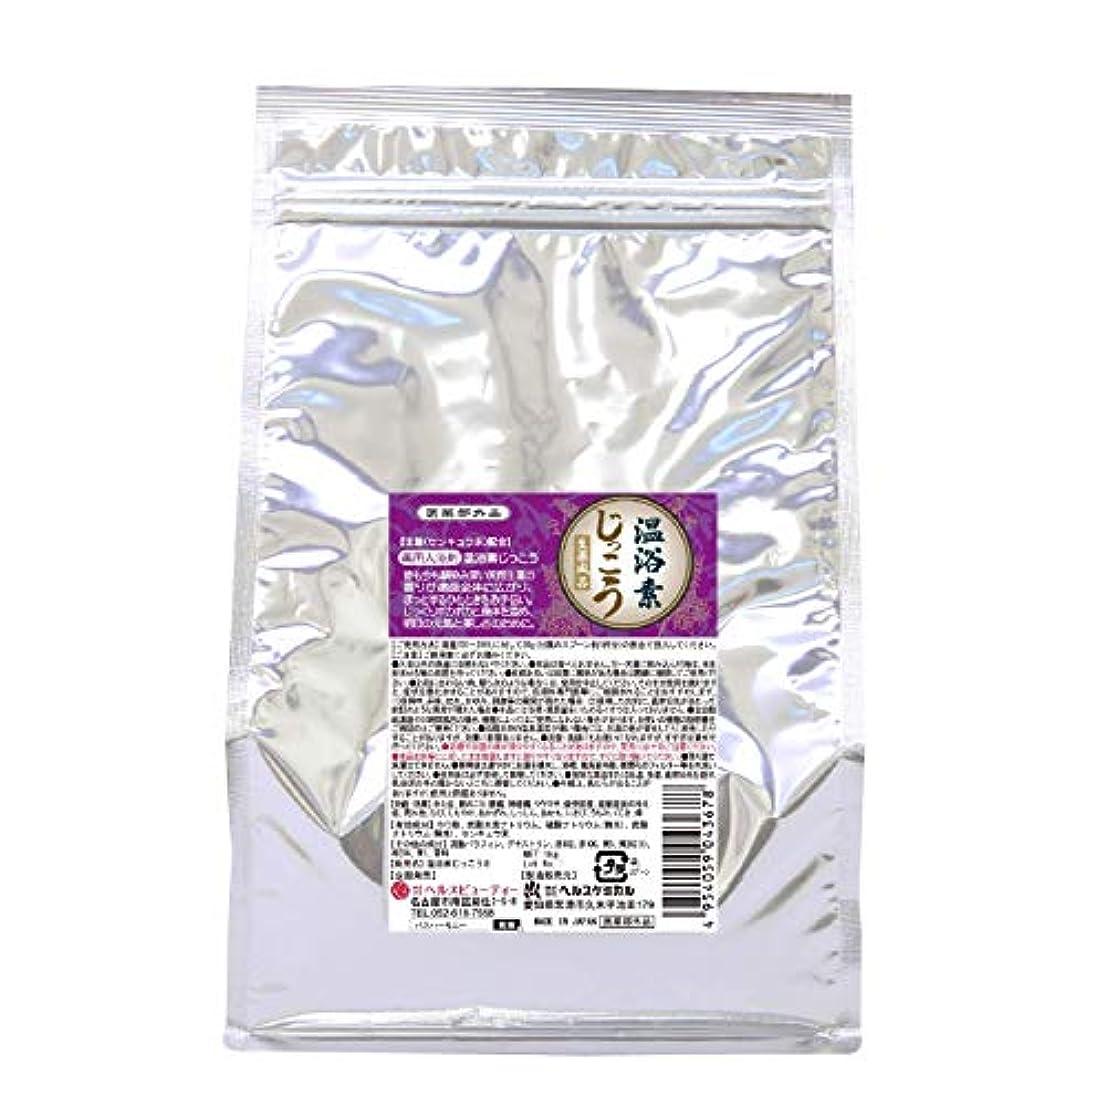 入浴剤 湯匠仕込 温浴素じっこう 生薬 薬湯 1kg 50回分 お徳用 医薬部外品